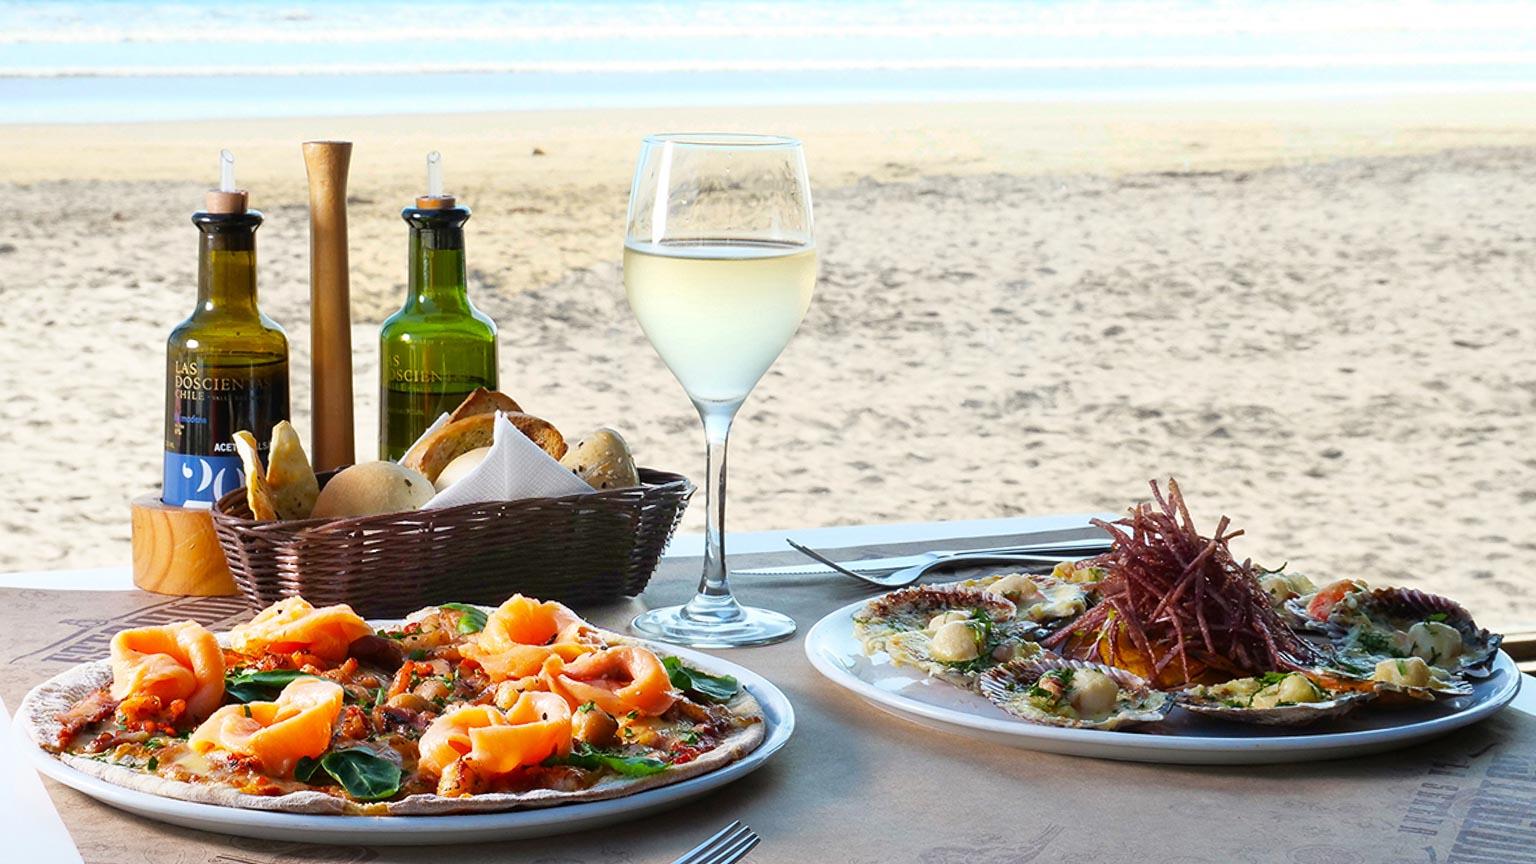 pescado, mariscos y vino en playas de la region de coquimbo